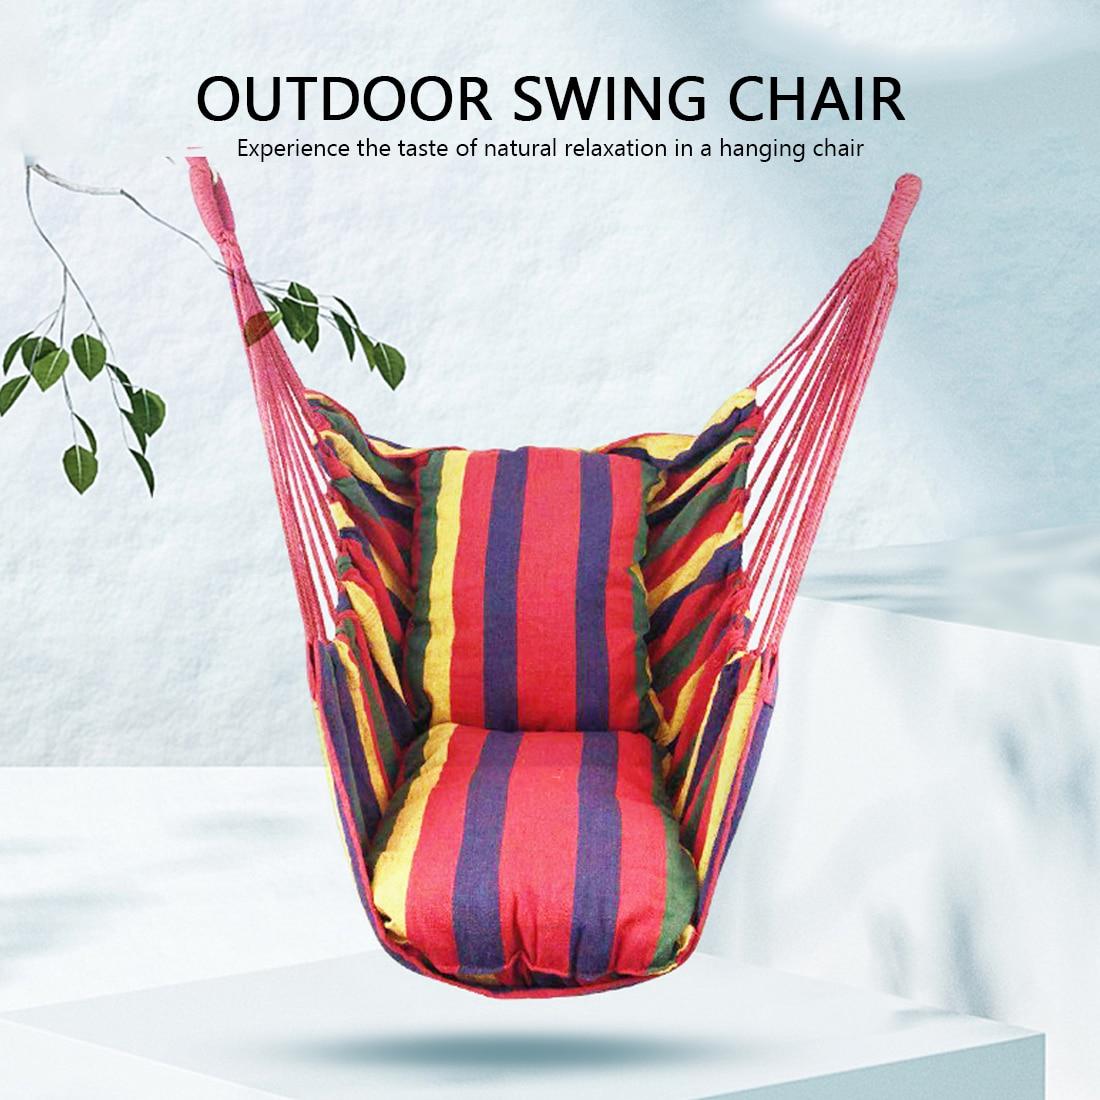 Уличный гамак-качели Vitorhytech, утолщенное подвесное качели-стул, портативное расслабляющее холщовое качели для путешествий, кемпинга, легкое ...